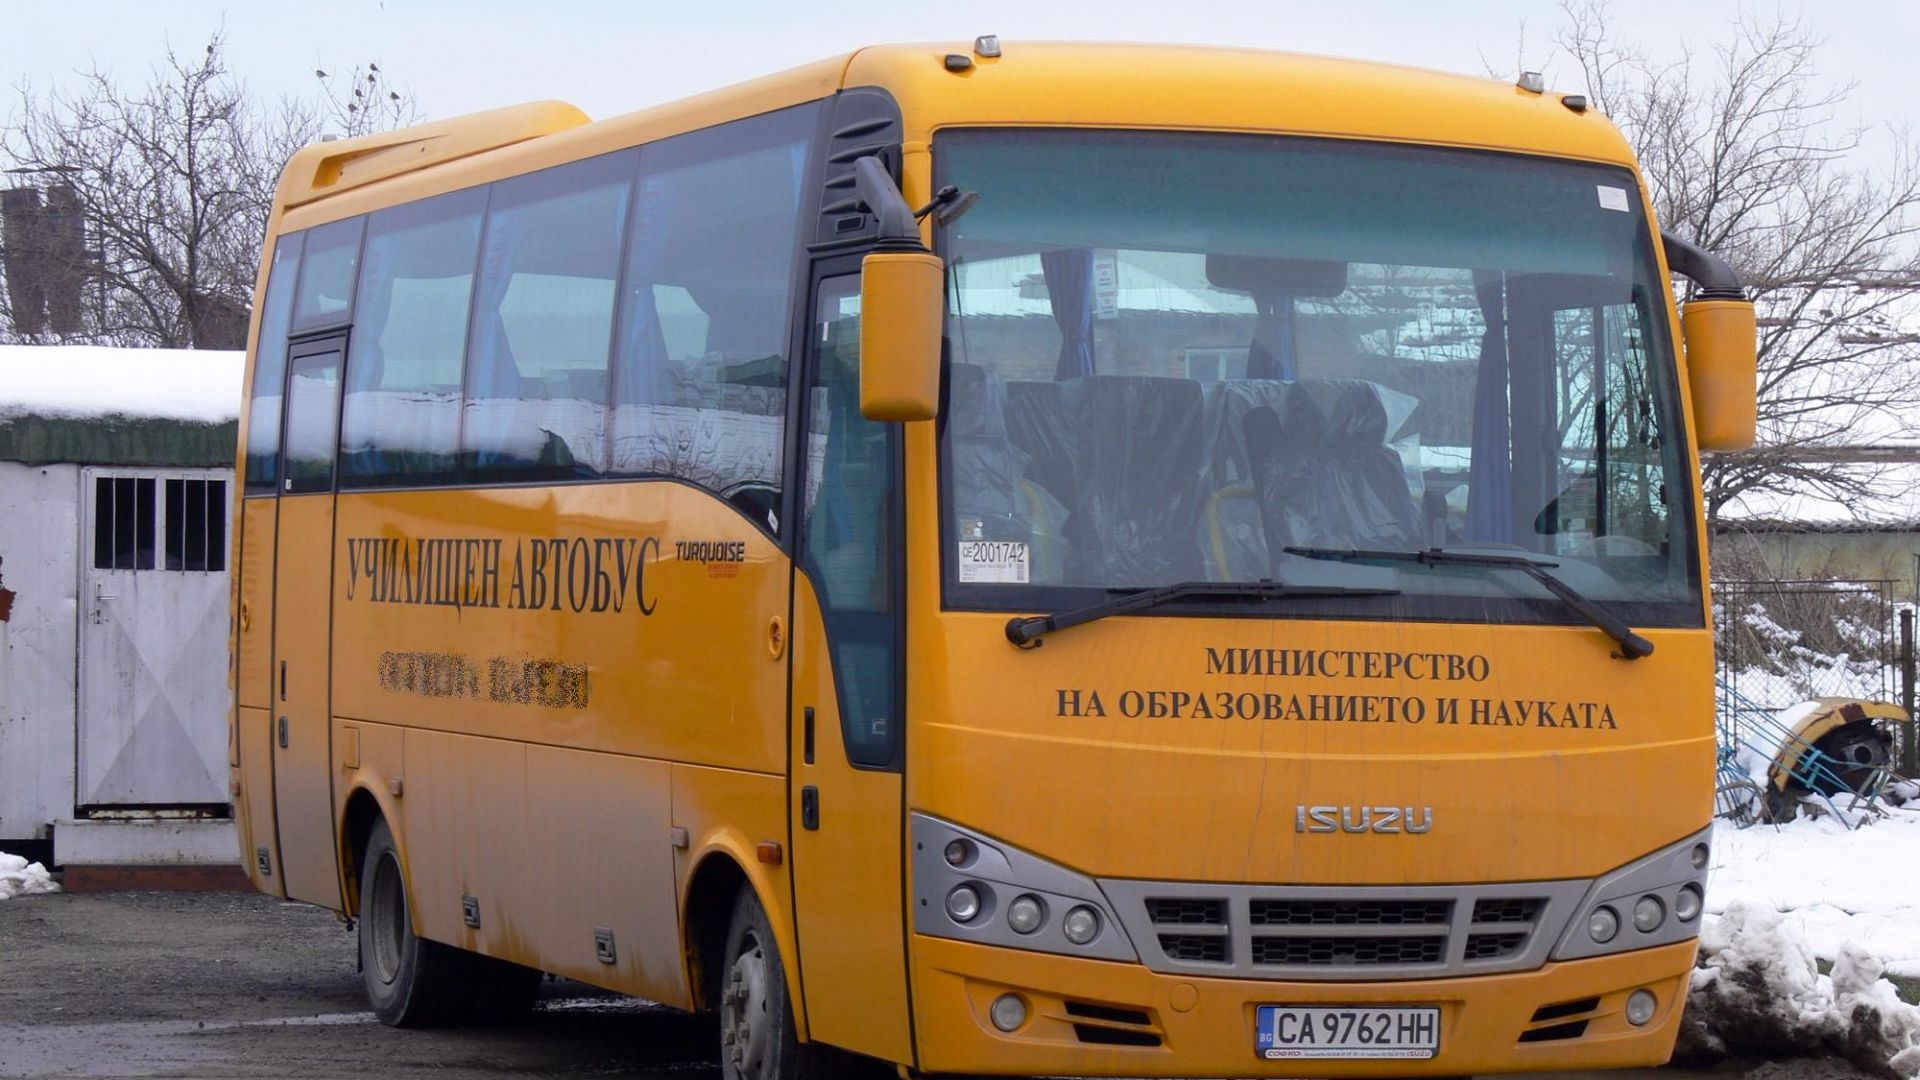 Деца са ранени при катастрофа с училищен автобус